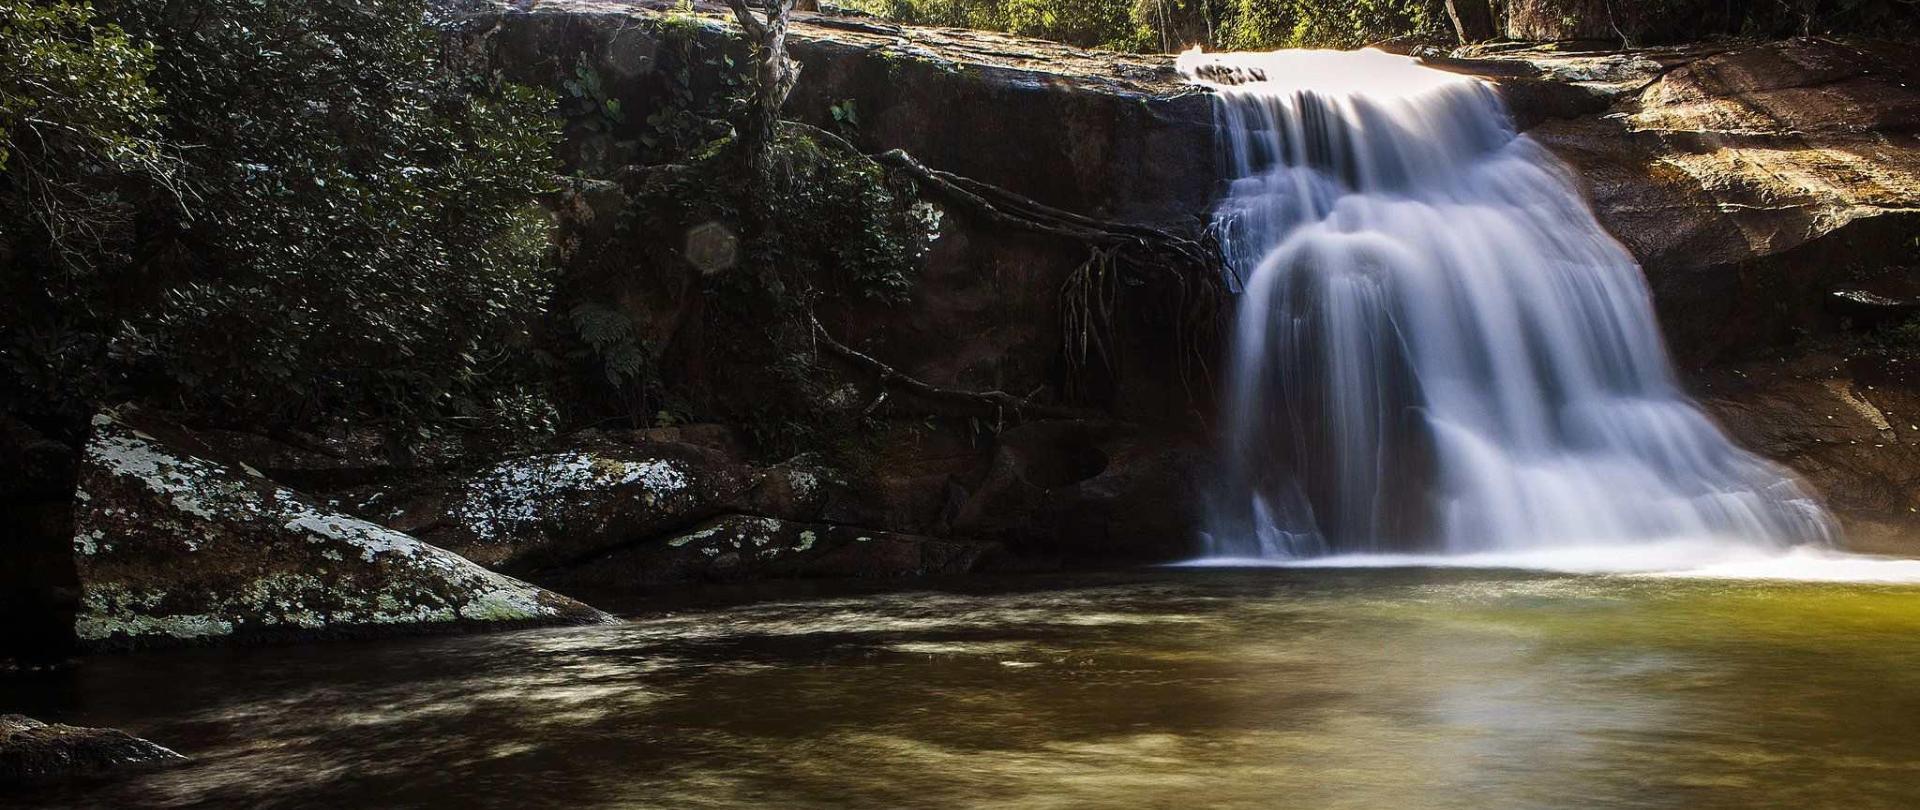 cachoeira_do_prumirim.jpg